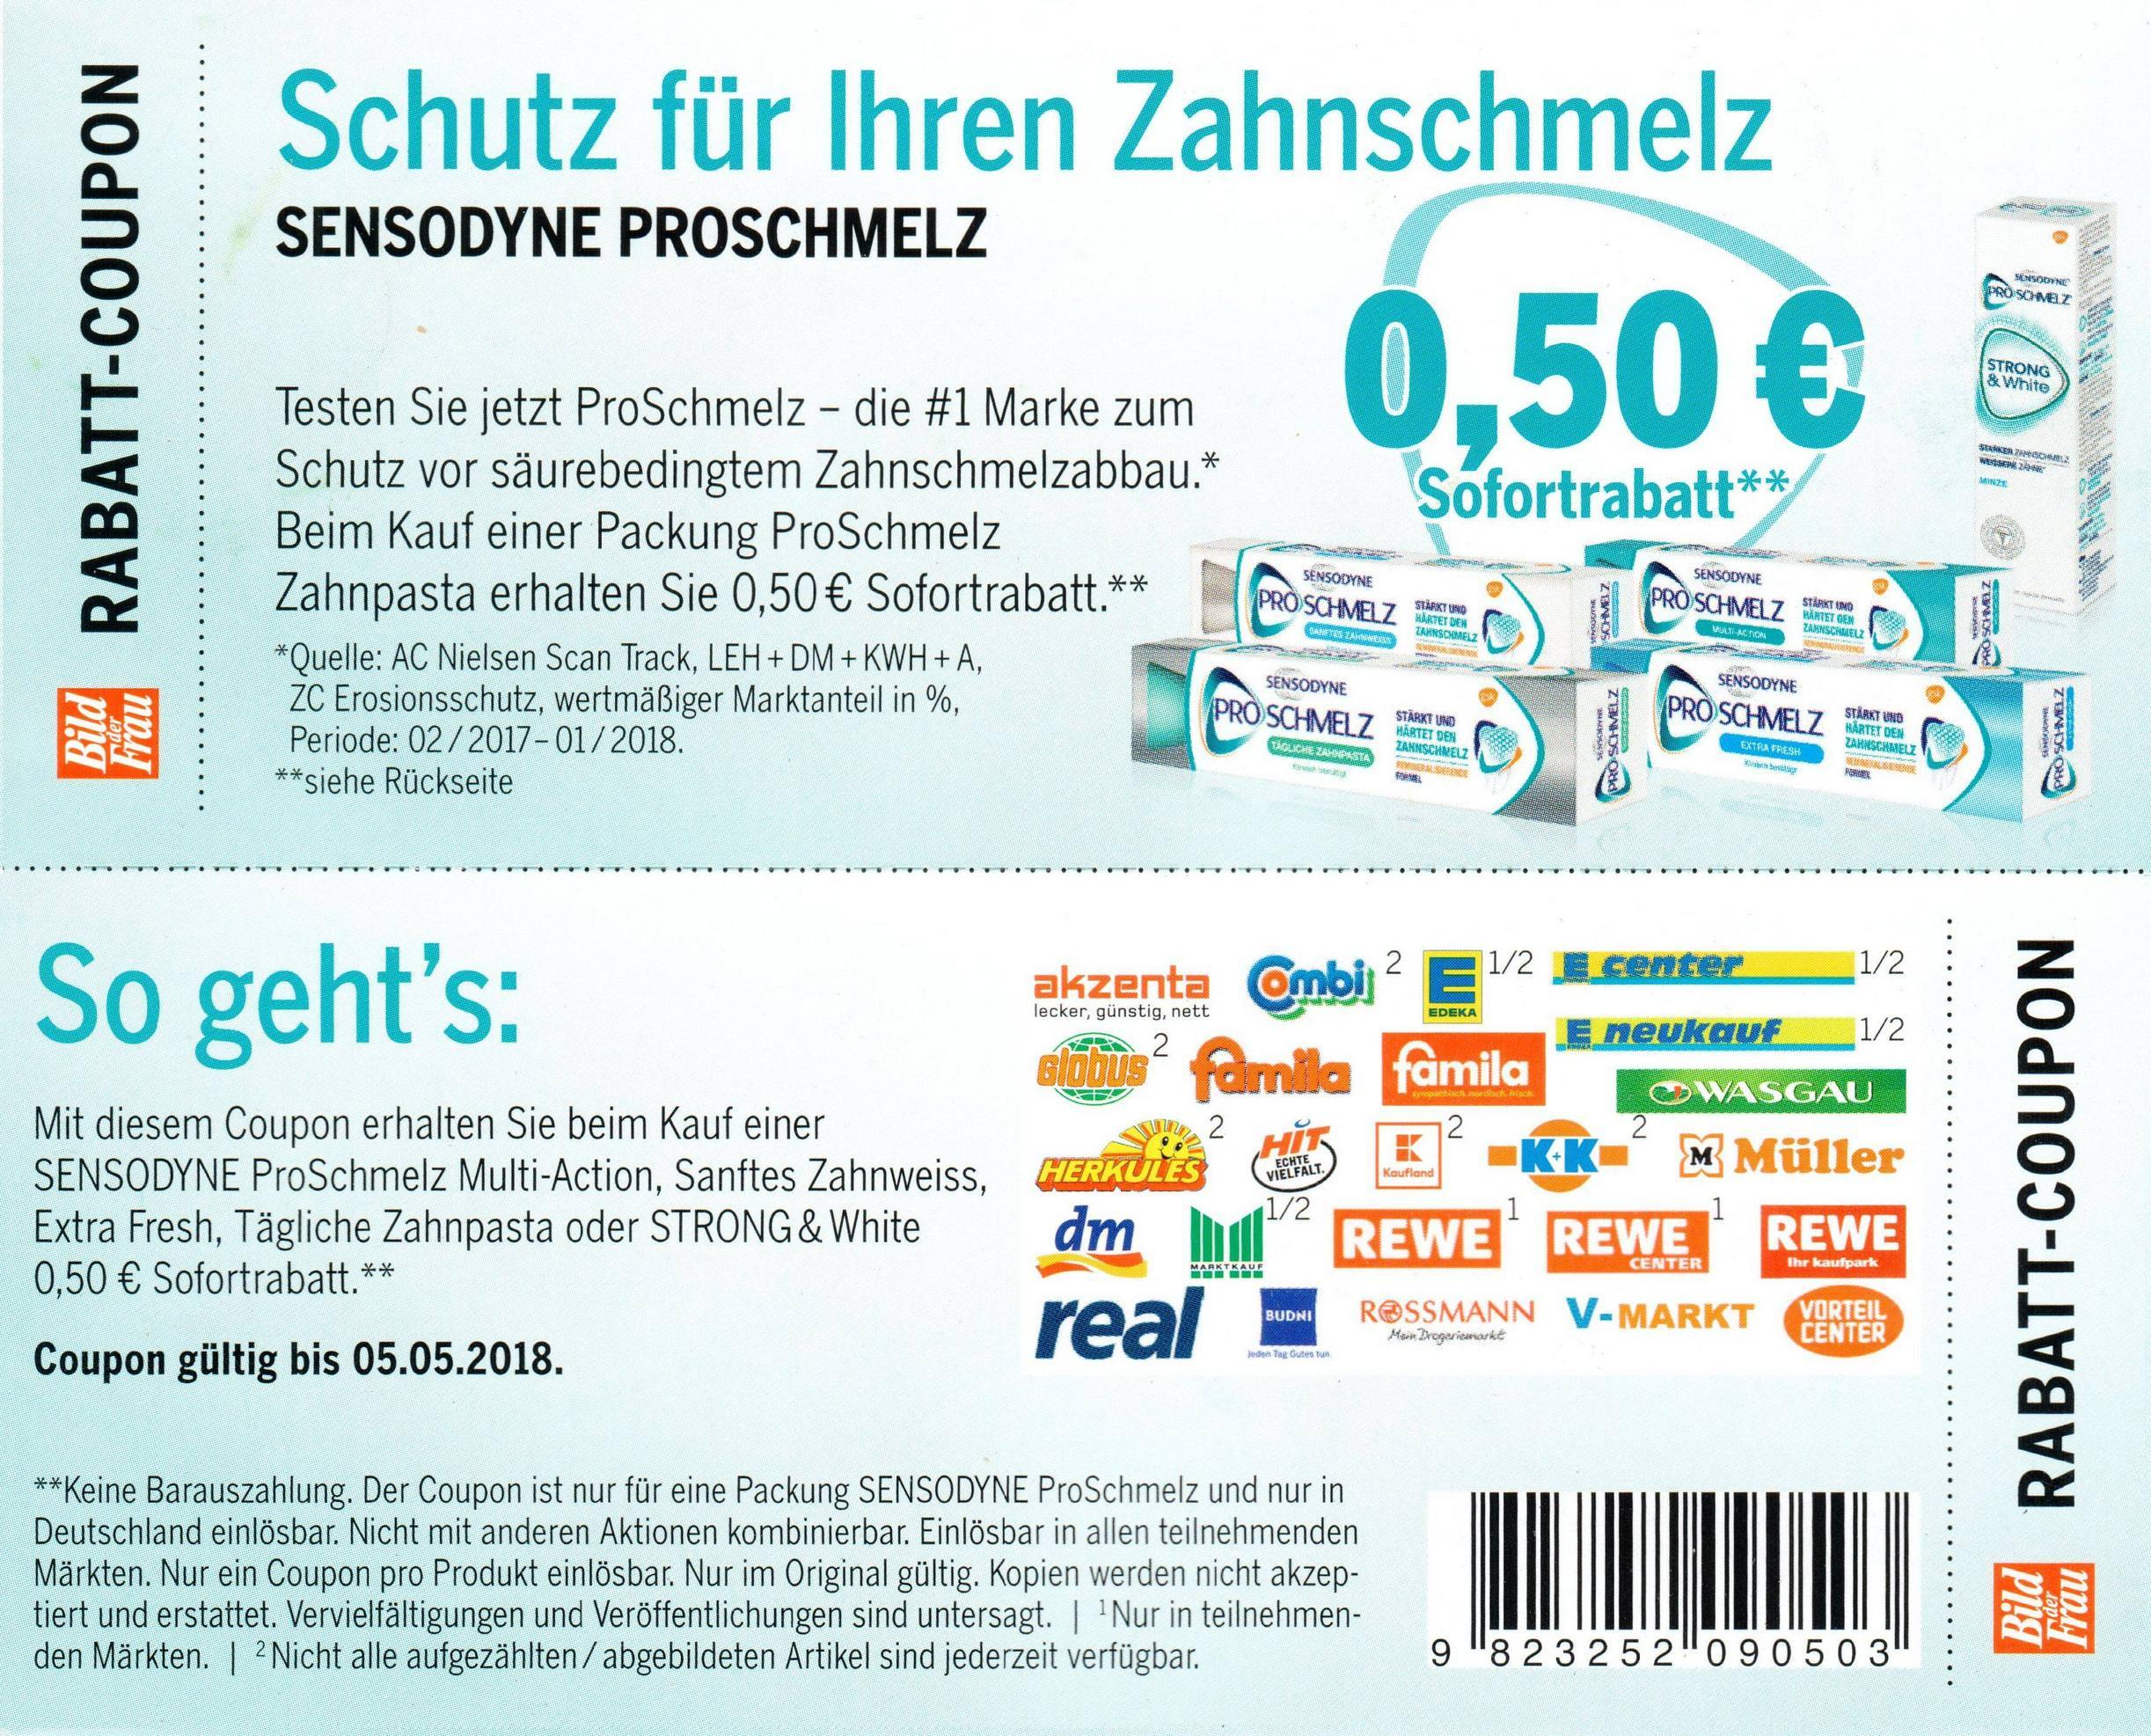 Neuer -0,50€ Coupon für Sensodyne Proschmelz (andere EAN) bis 05.05.2018